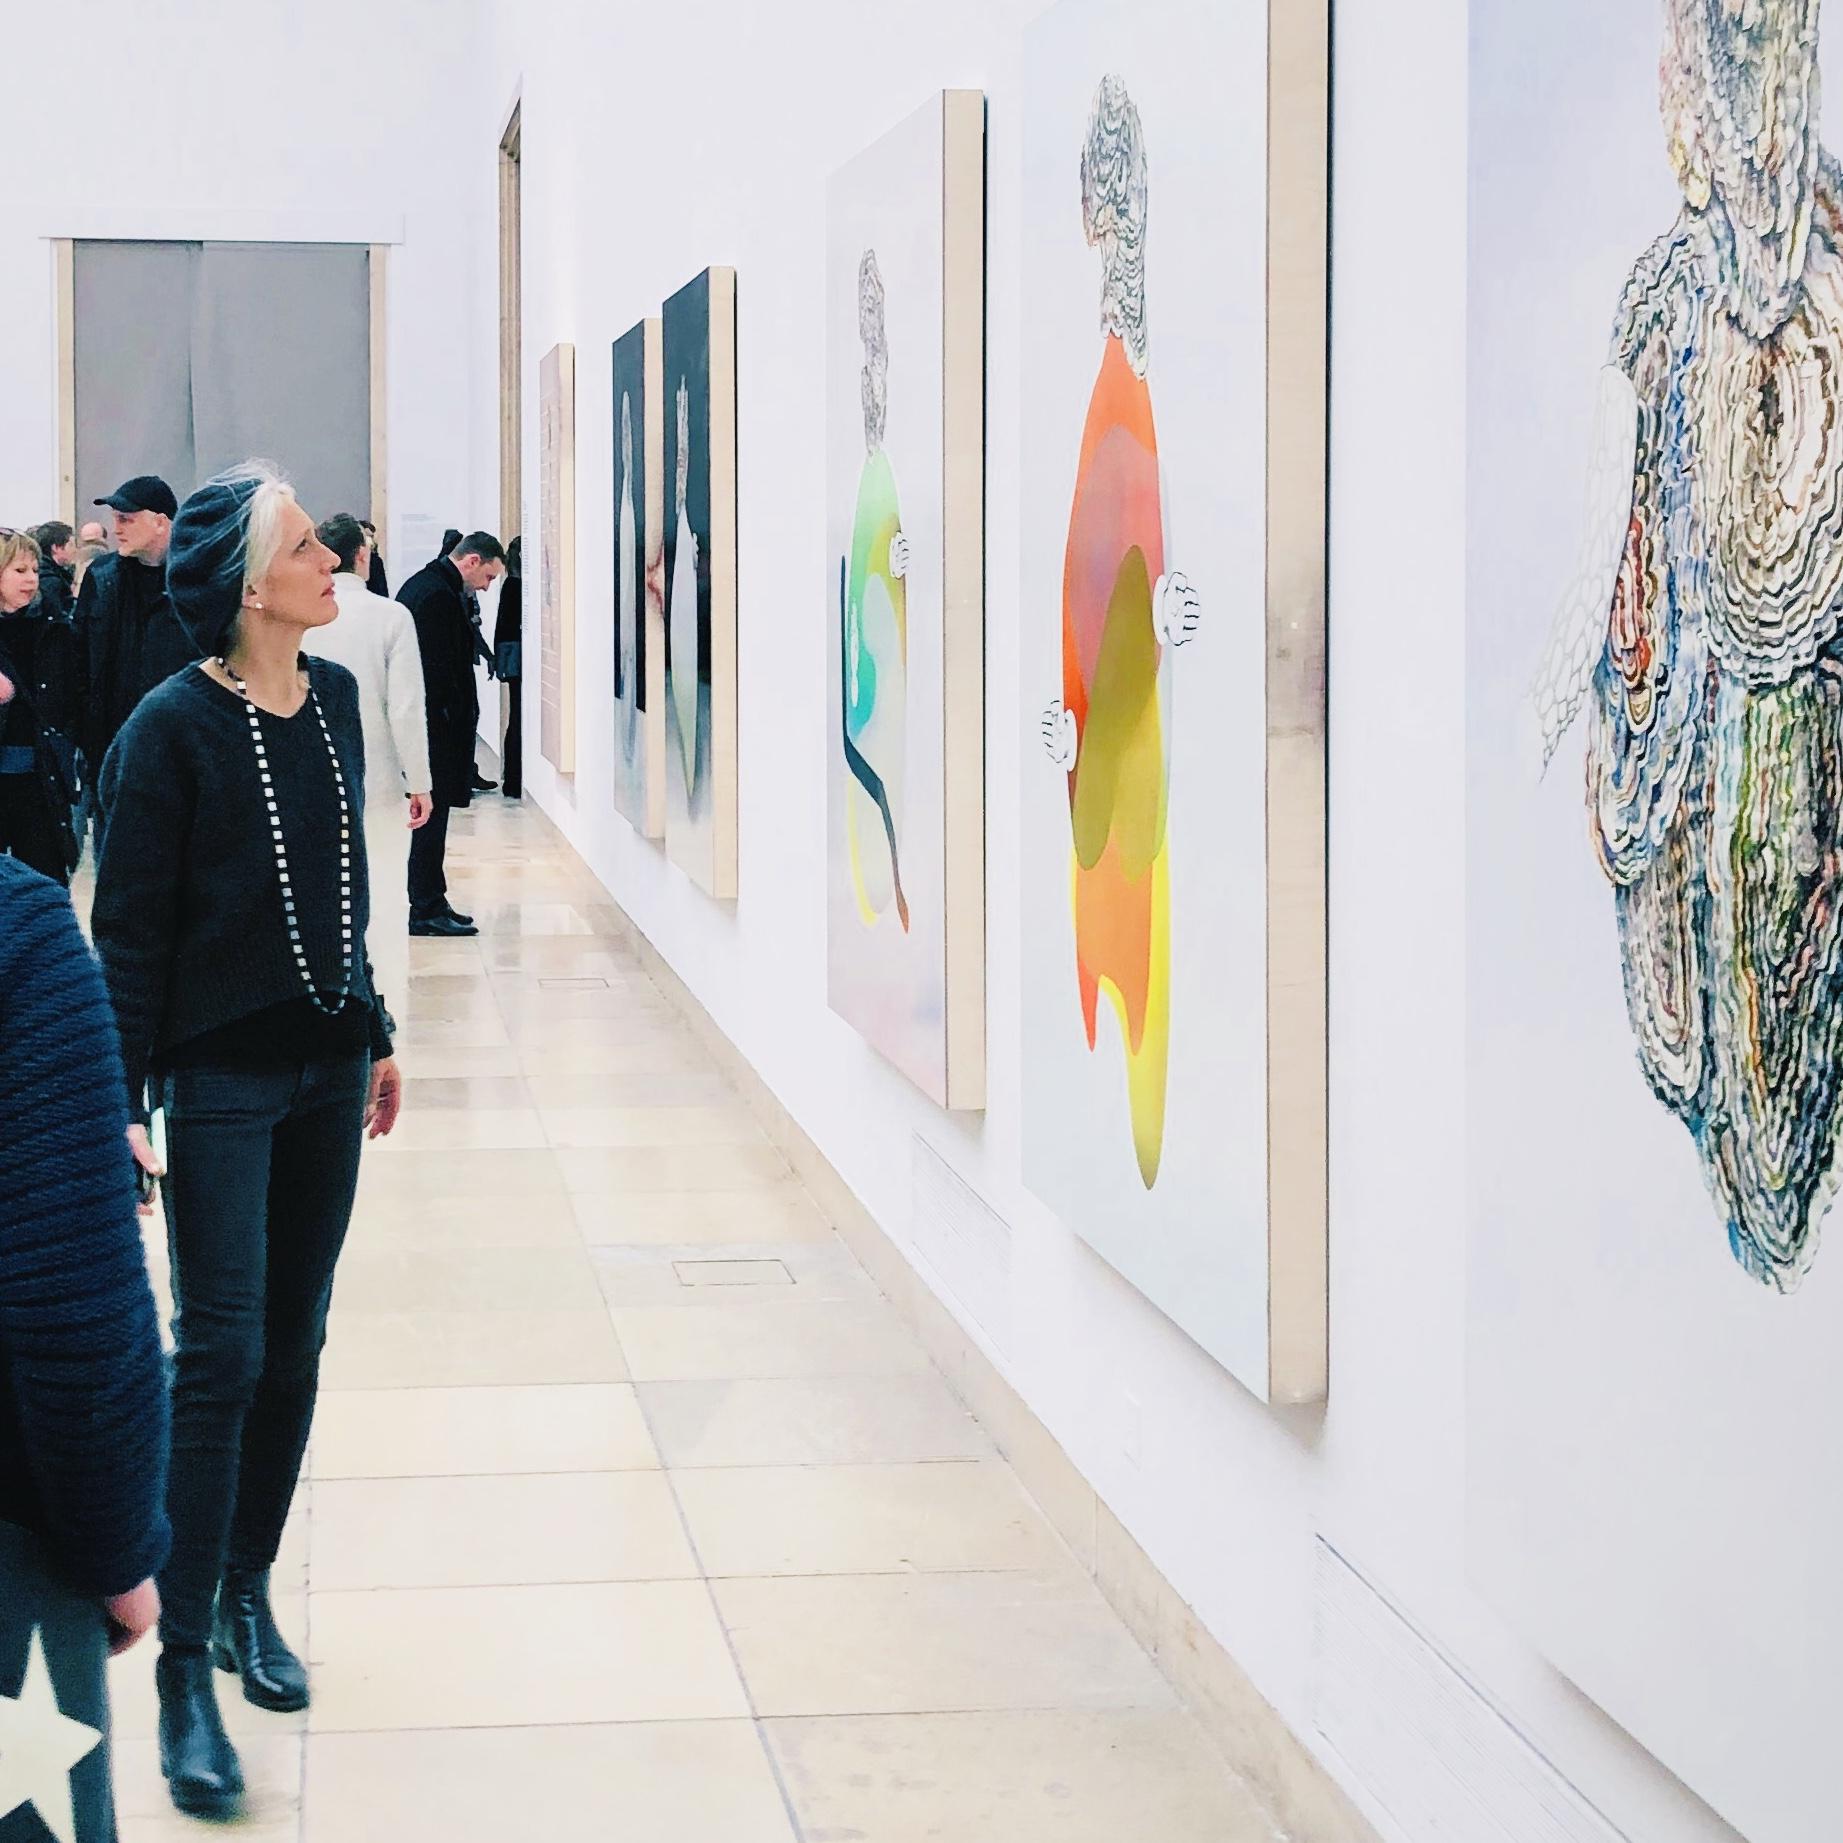 Ausstellung Blind Faith im Haus der Kunst: Zeitgenössische Kunst zwischen Intuition und Reflexion